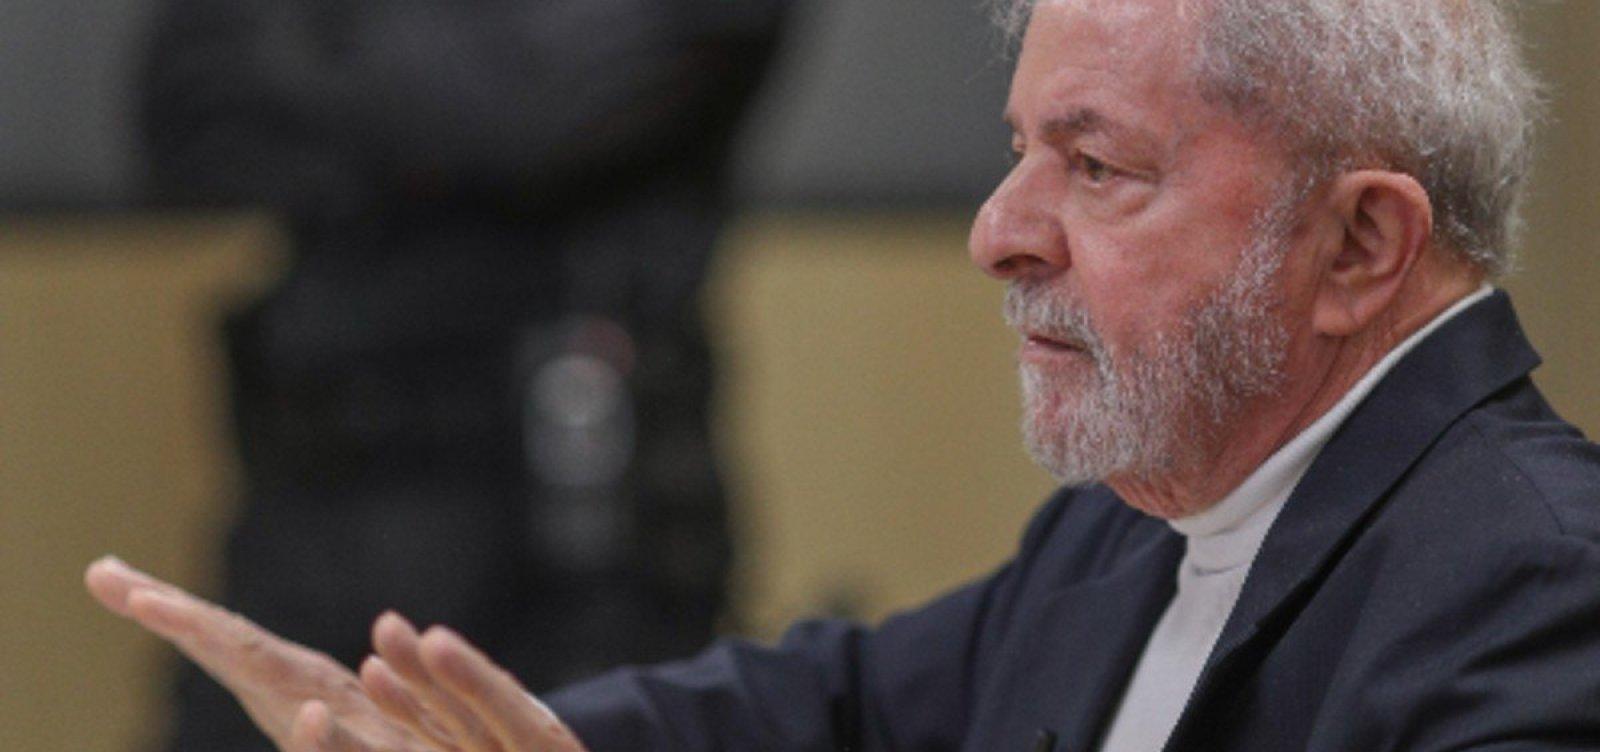 [Mensagens revelam 'grosseiras ilegalidades' de Moro e da Lava Jato, diz defesa de Lula]